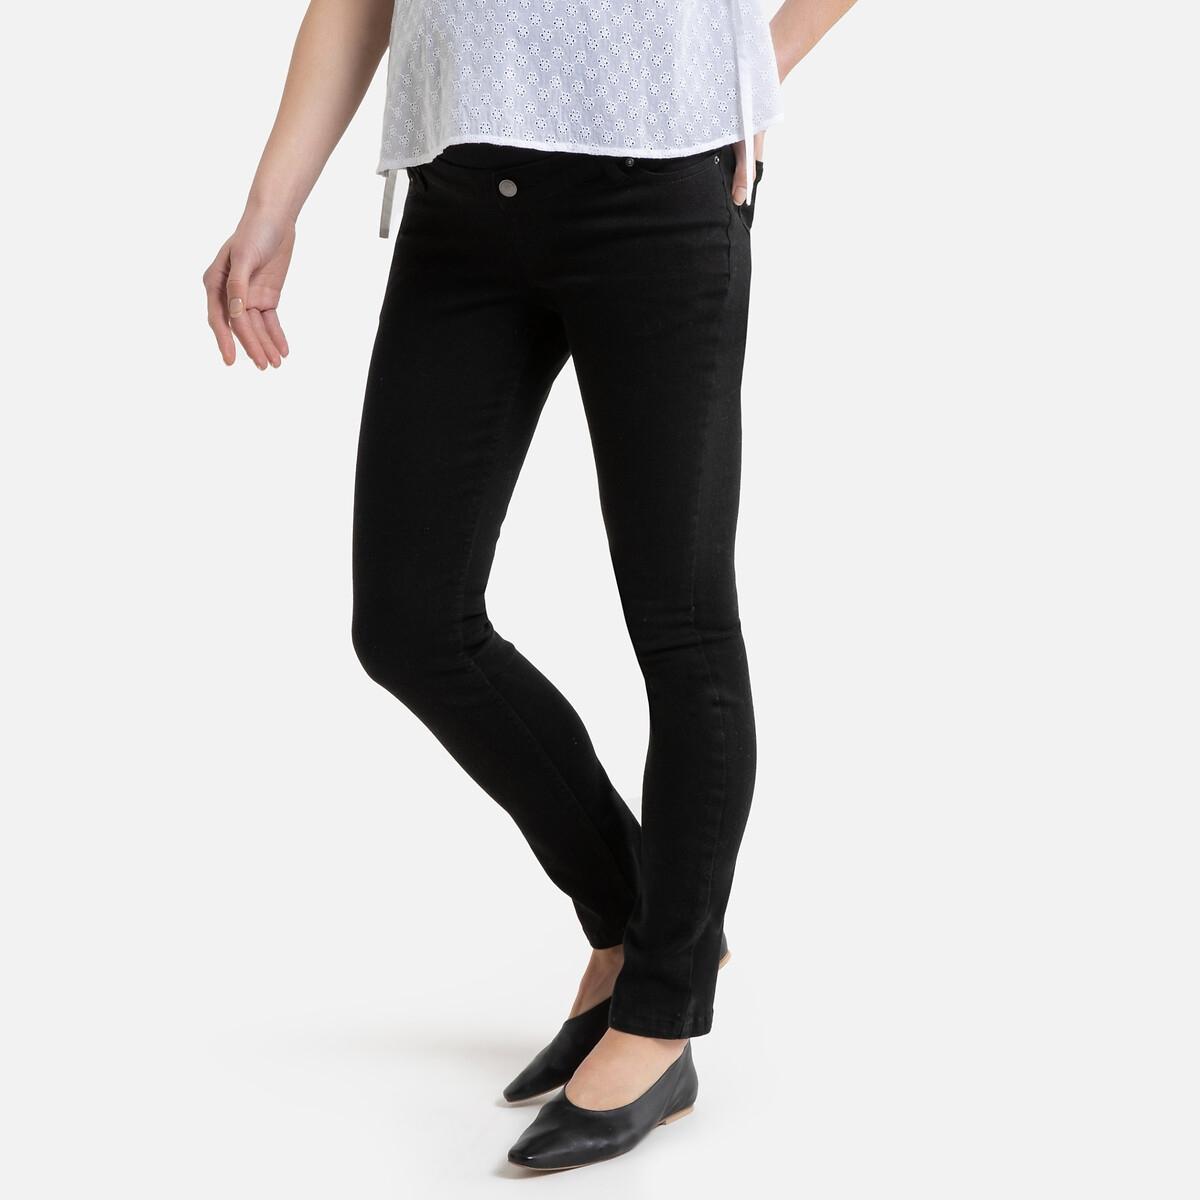 Брюки La Redoute Для периода беременности слим 46 (FR) - 52 (RUS) черный брюки la redoute узкие дудочки с жаккардовым рисунком 50 fr 56 rus черный